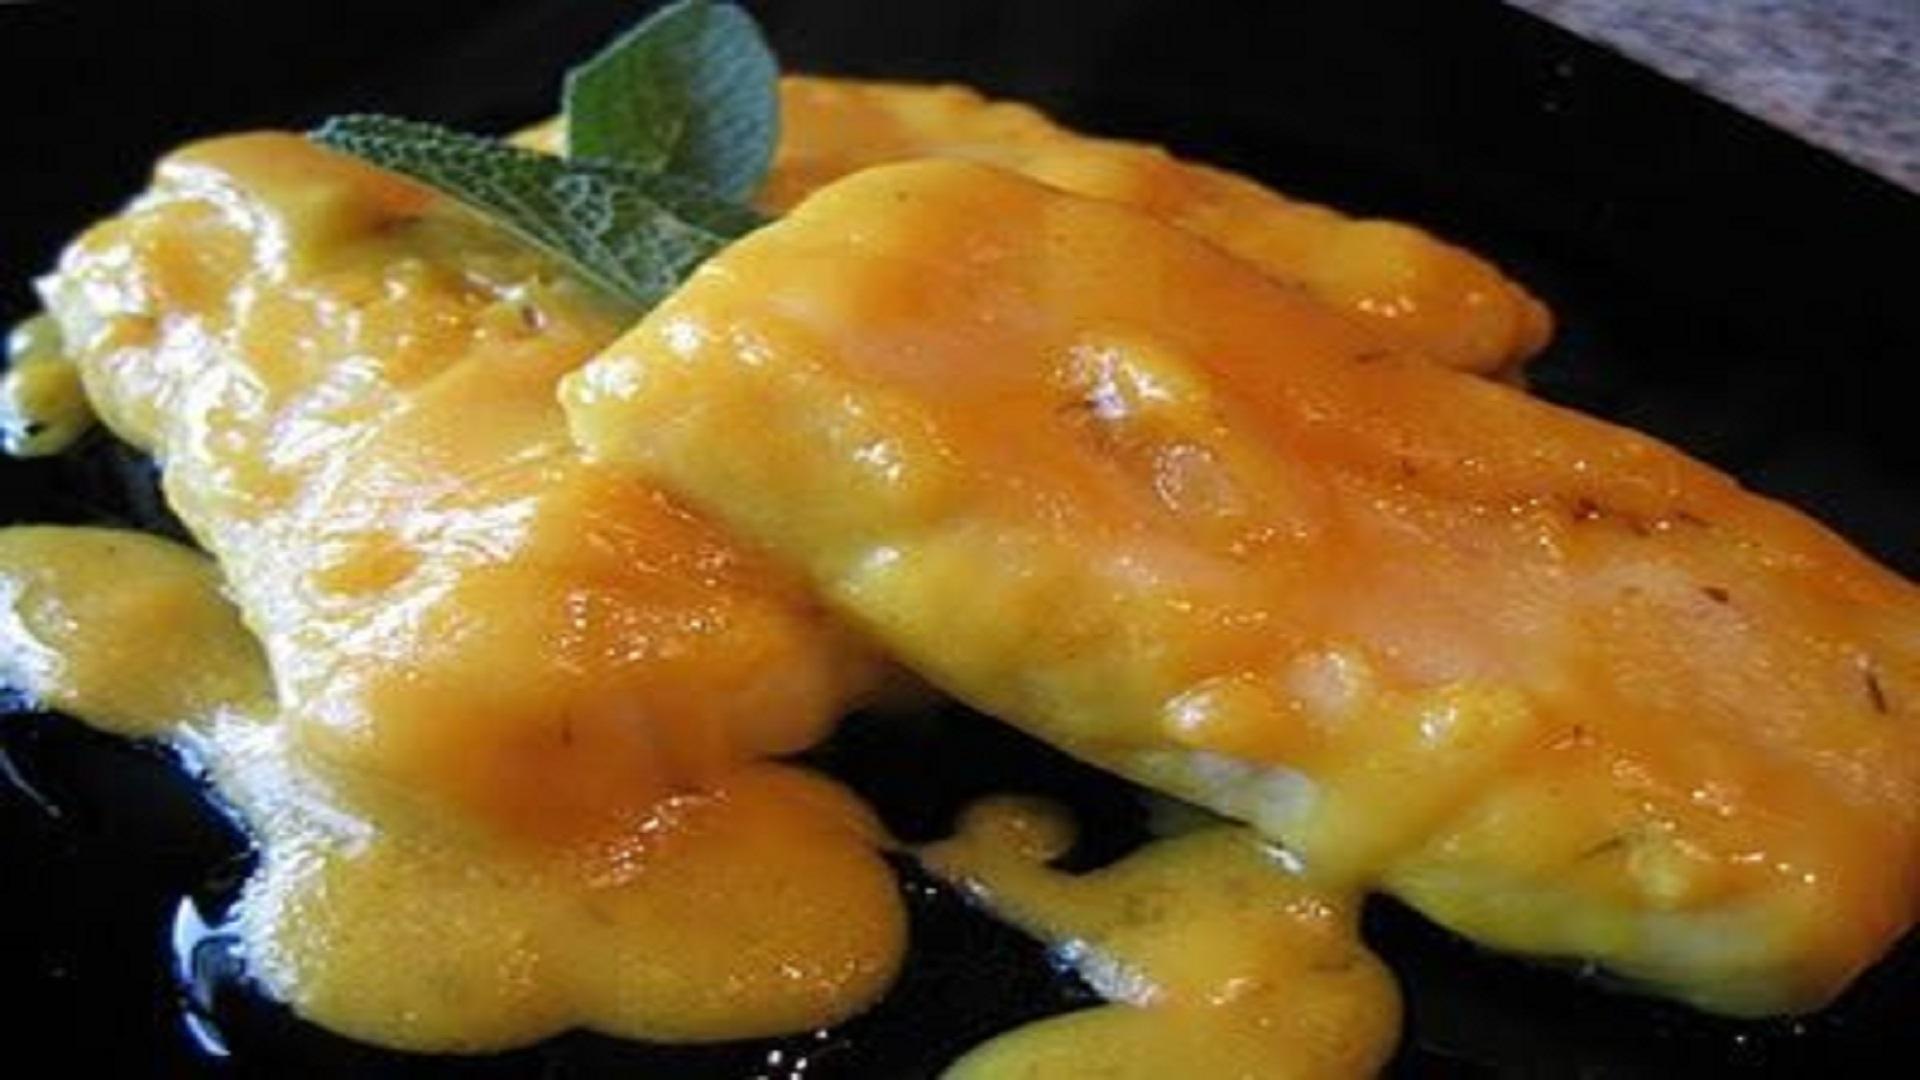 cuori-di-merluzzo-in-salsa-zafferano--md-218892p344643